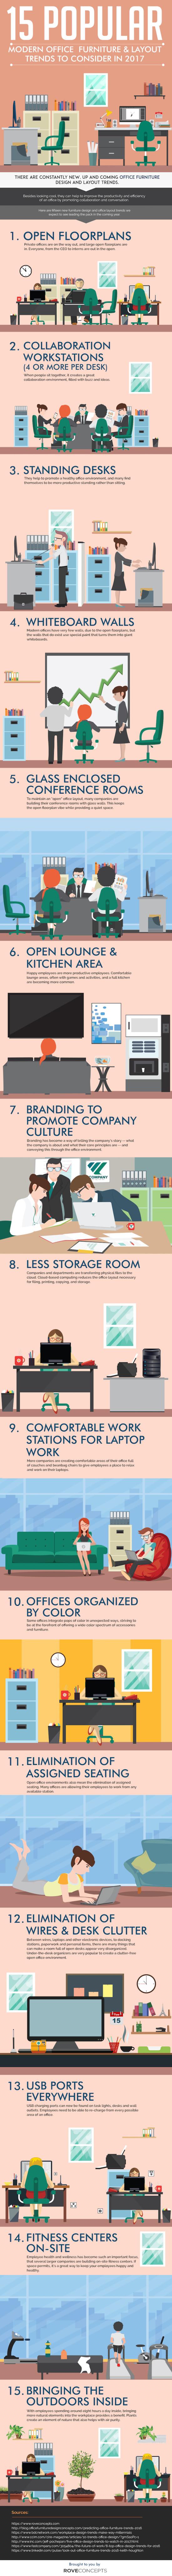 15 trendů v kancelářském designu, kterými byste se měli řídit – Infografika